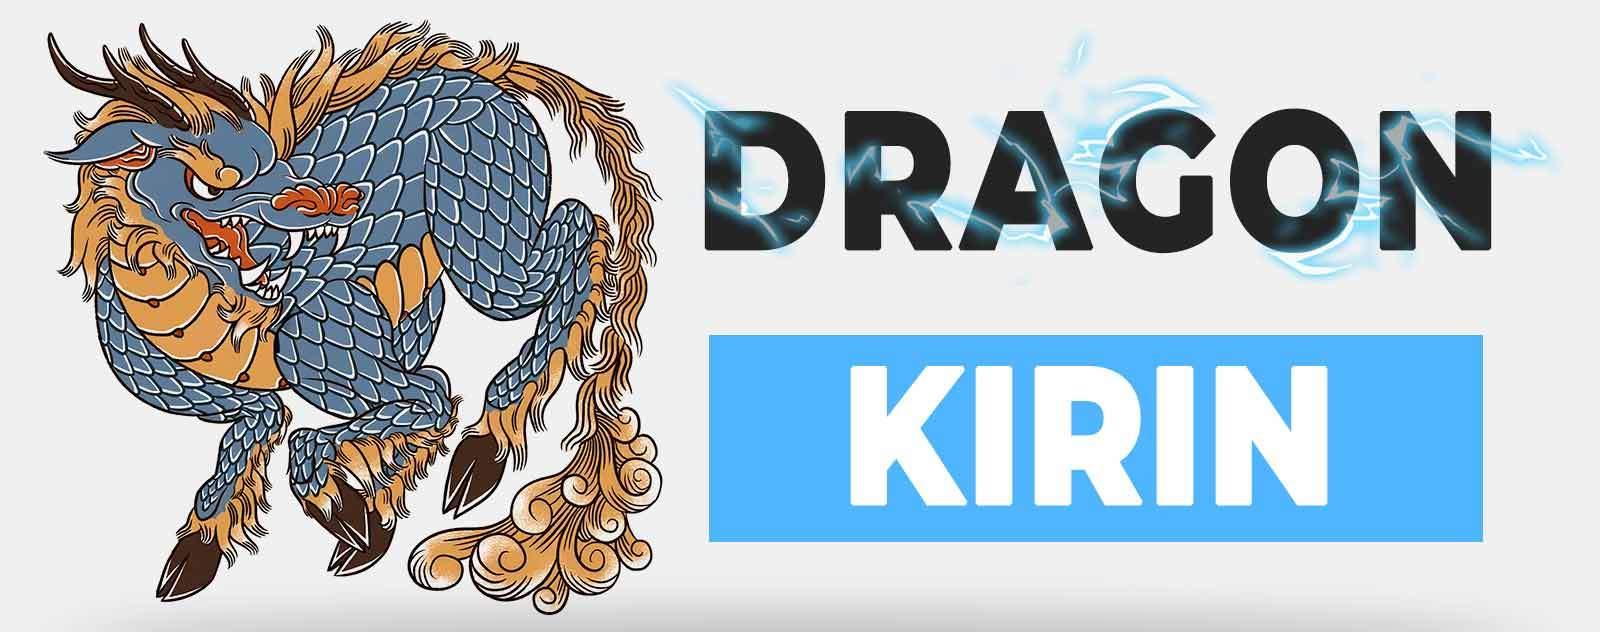 kirin dragon qilin meaning symbol